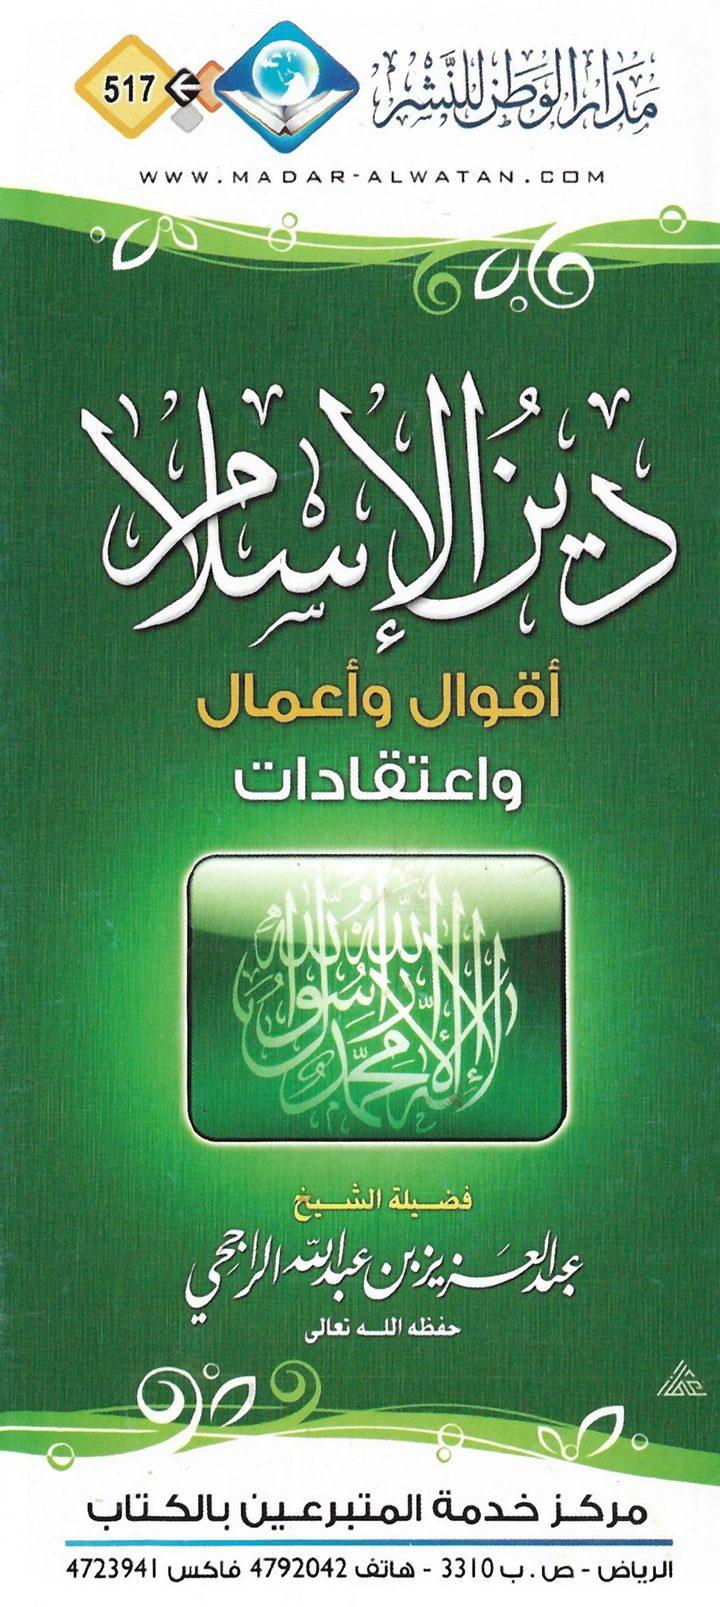 دين الإسلام : أقوال وأعمال واعتقادات (عبد العزيز بن عبد الله الراجحي – مدار الوطن للنشر)